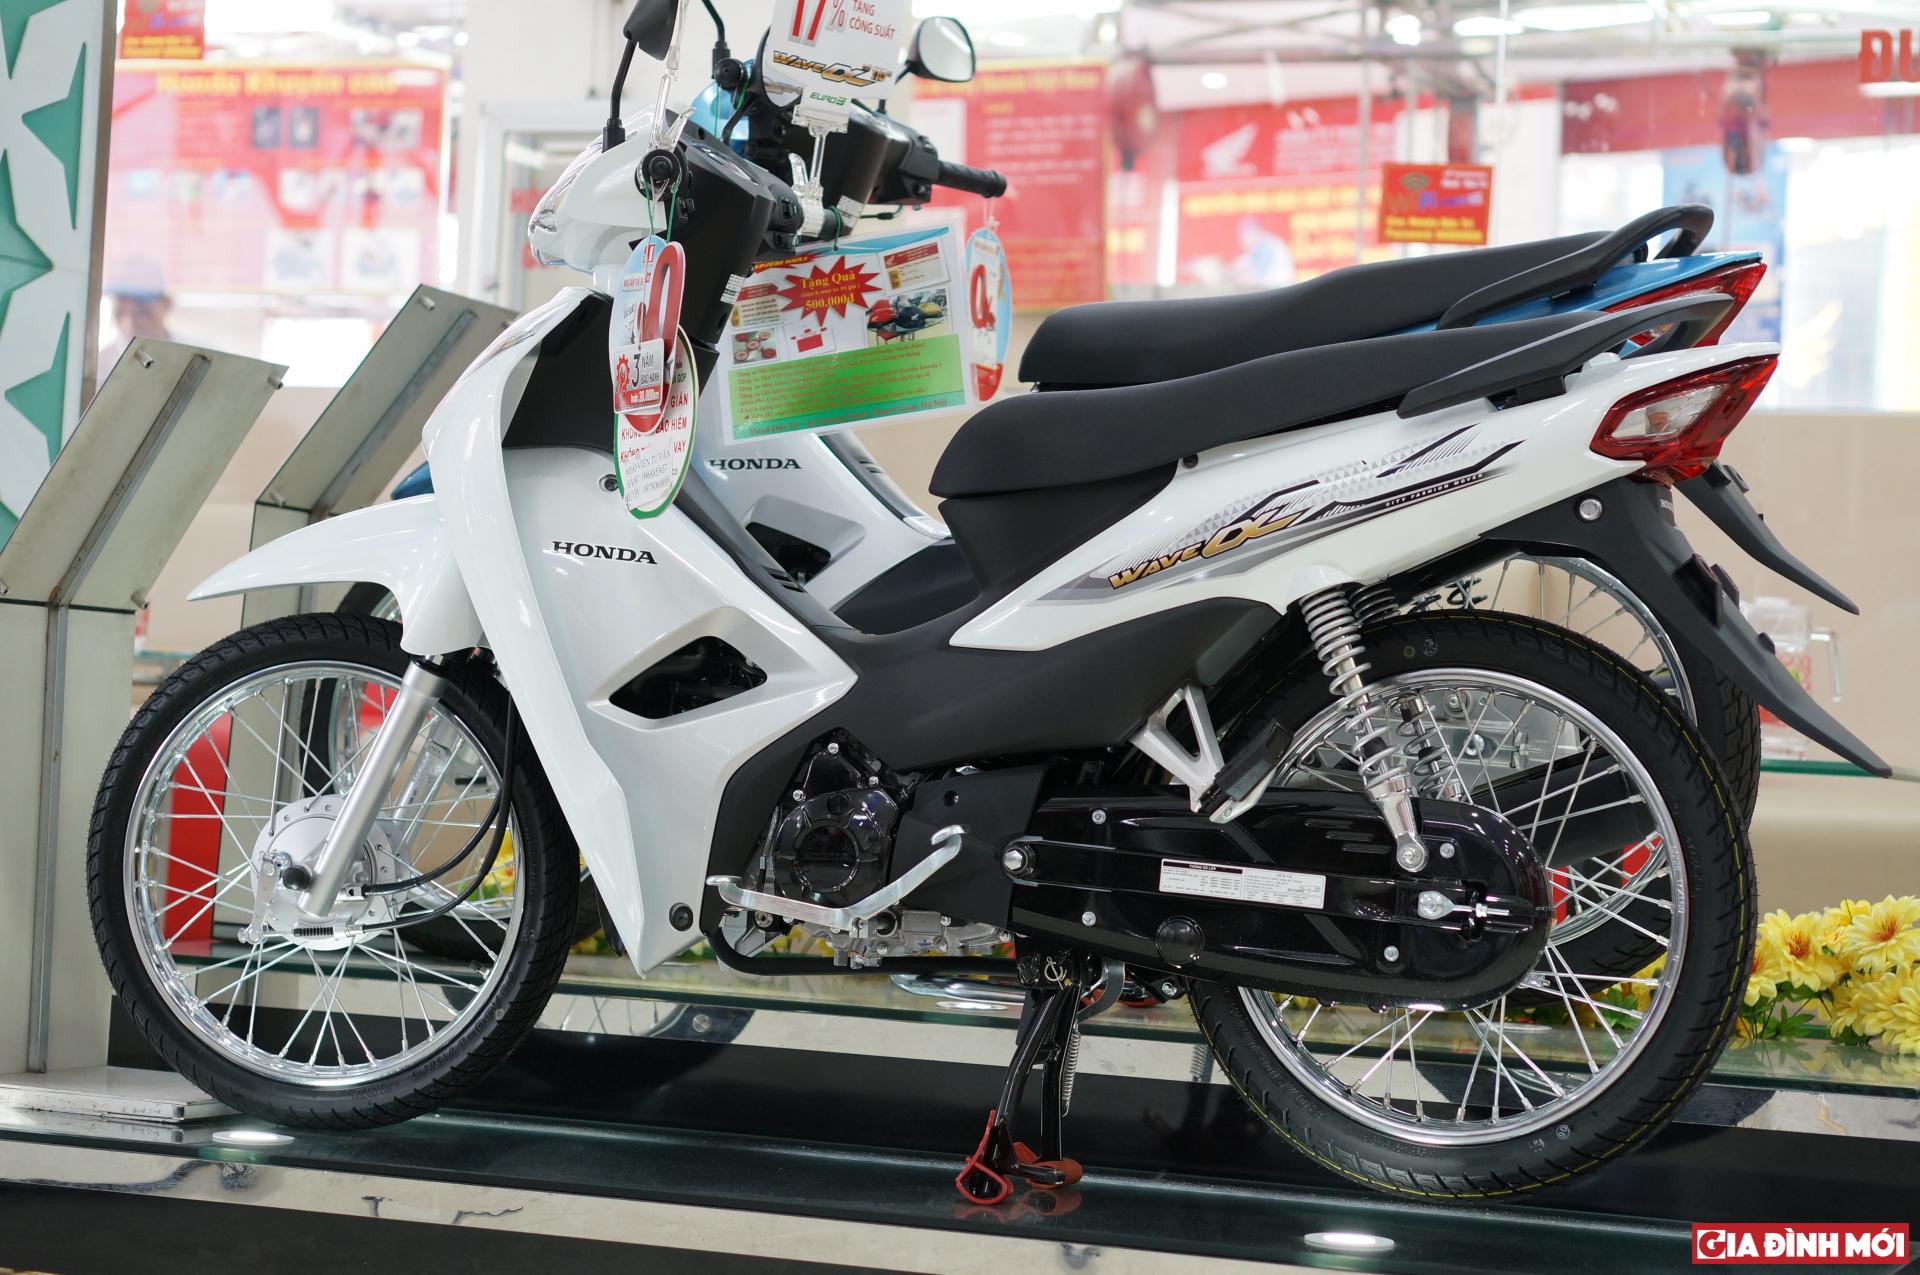 Vì sao không nên mua xe máy điện trong bối cảnh hiện nay?